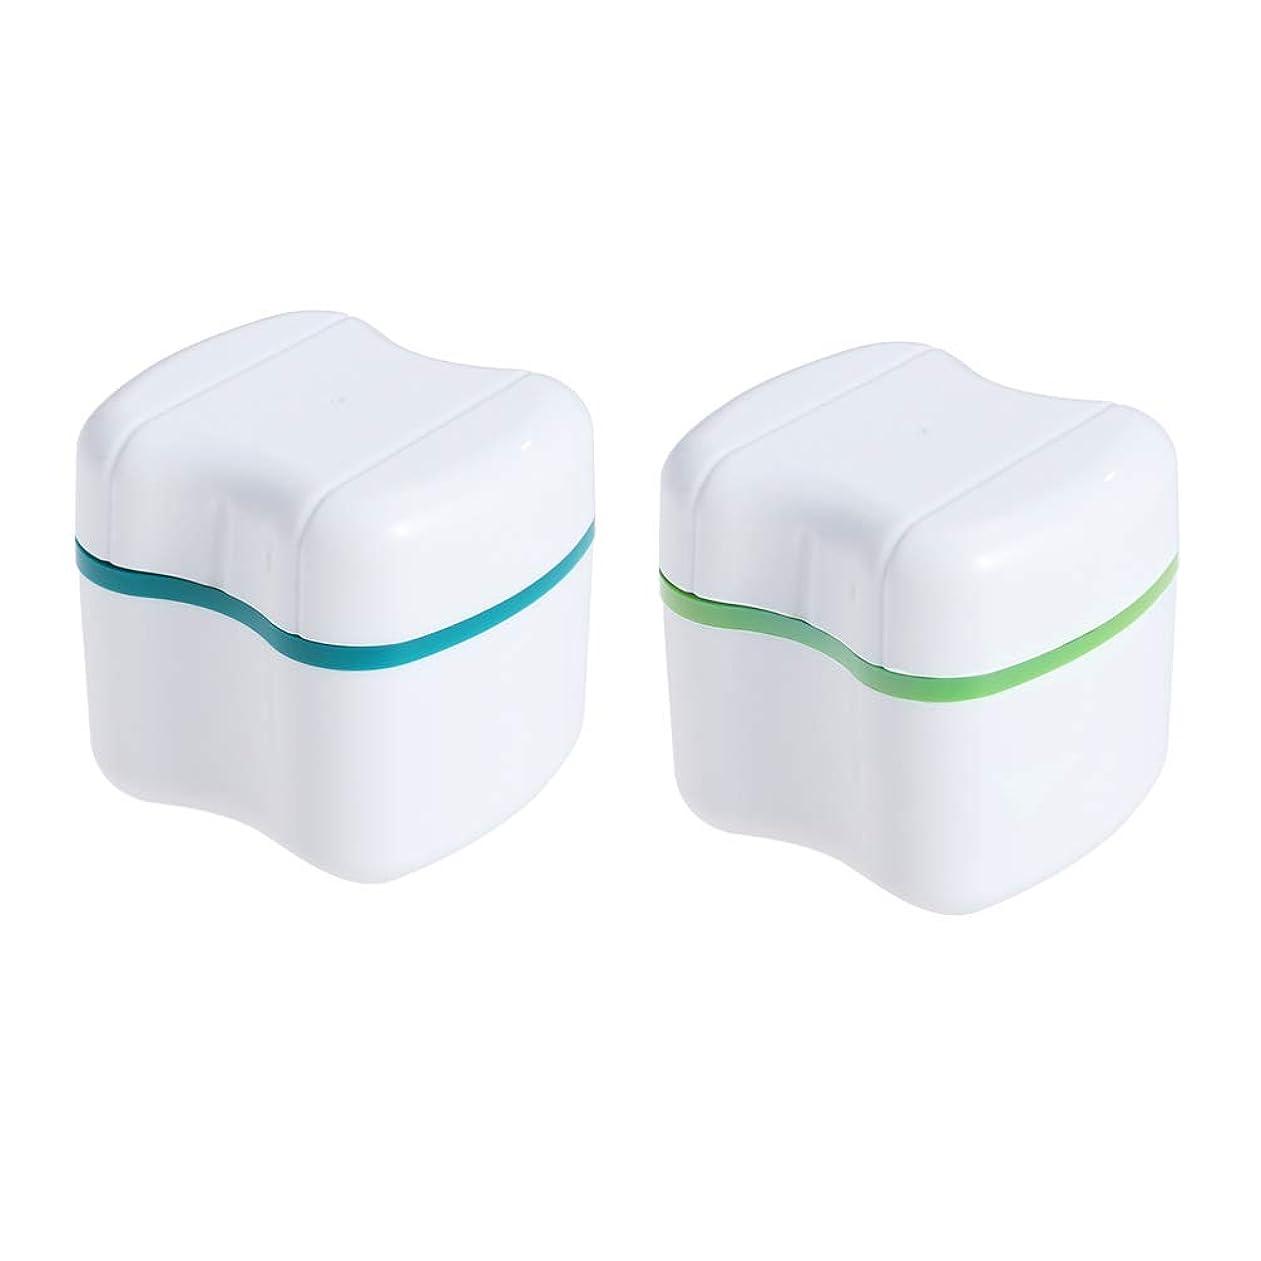 ゴネリル宣教師アームストロングSUPVOX Denture Case Denture Cup with Strainer Plastic Denture Bath Box False Teeth Storage Container with Basket Holder Retainer for Travel Cleaning 2pcs (Green + Glue)